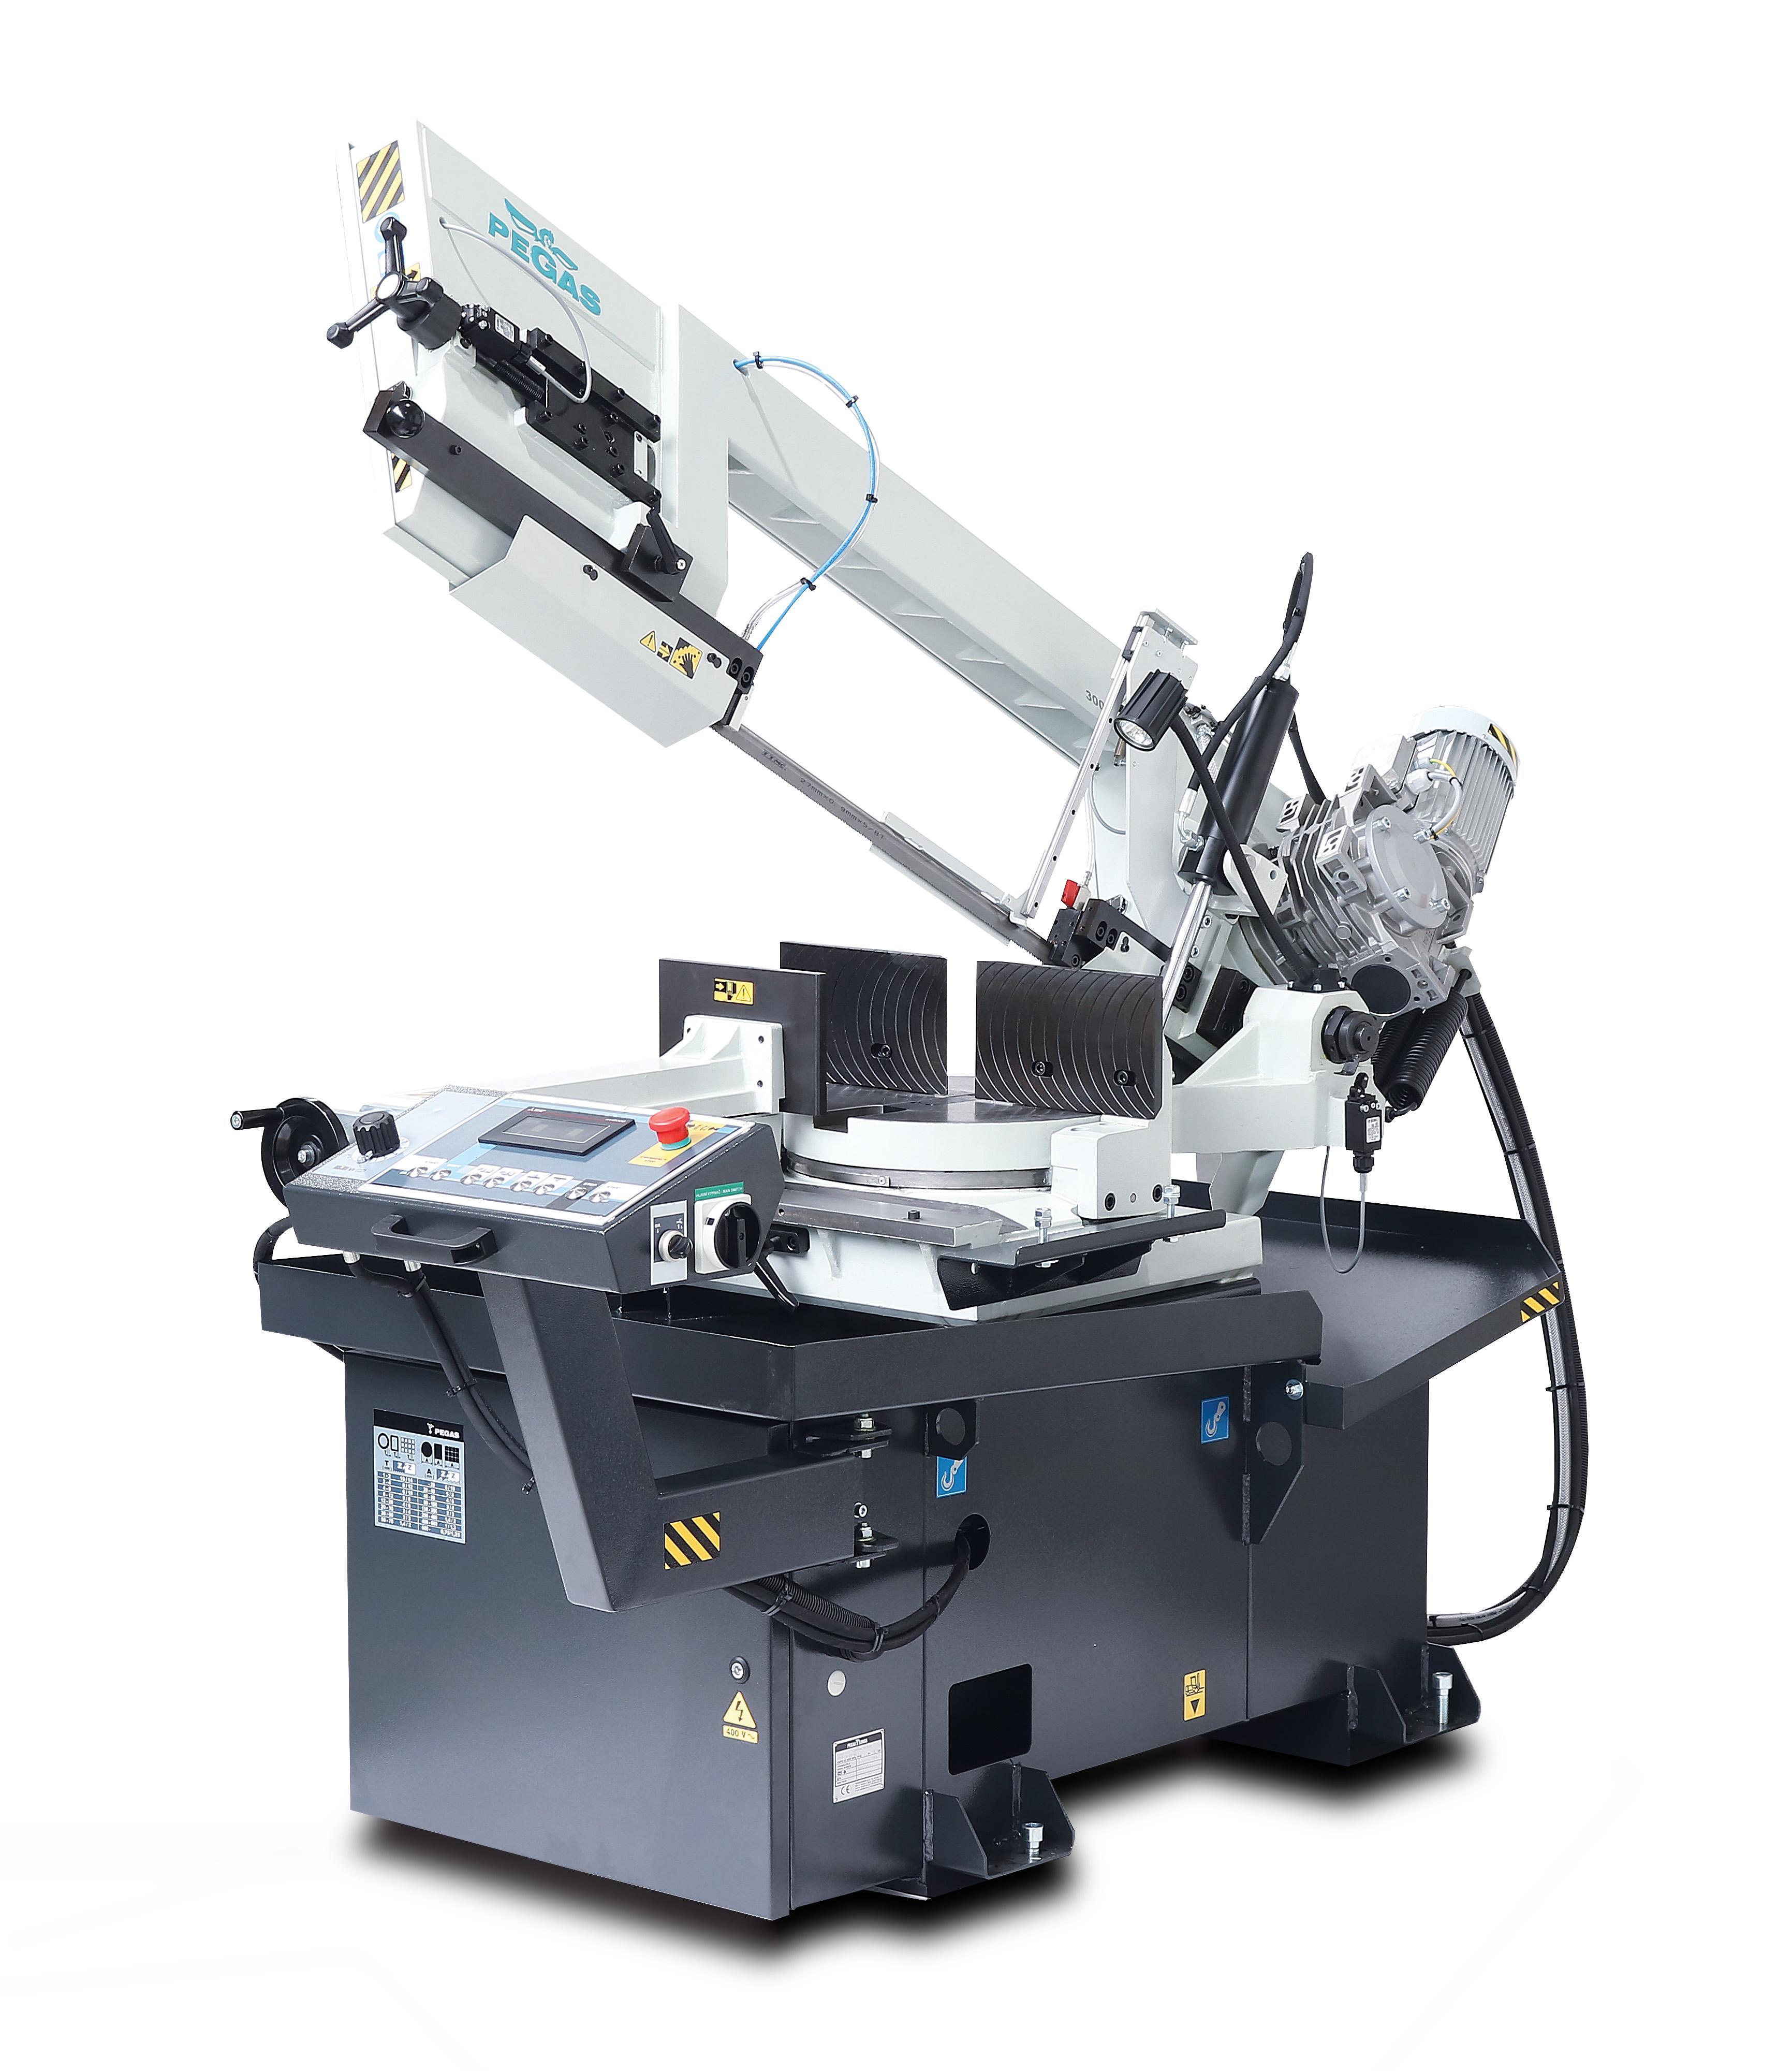 Полуавтоматический ленточнопильный станок 300×320 SHI-LR, консольный фото